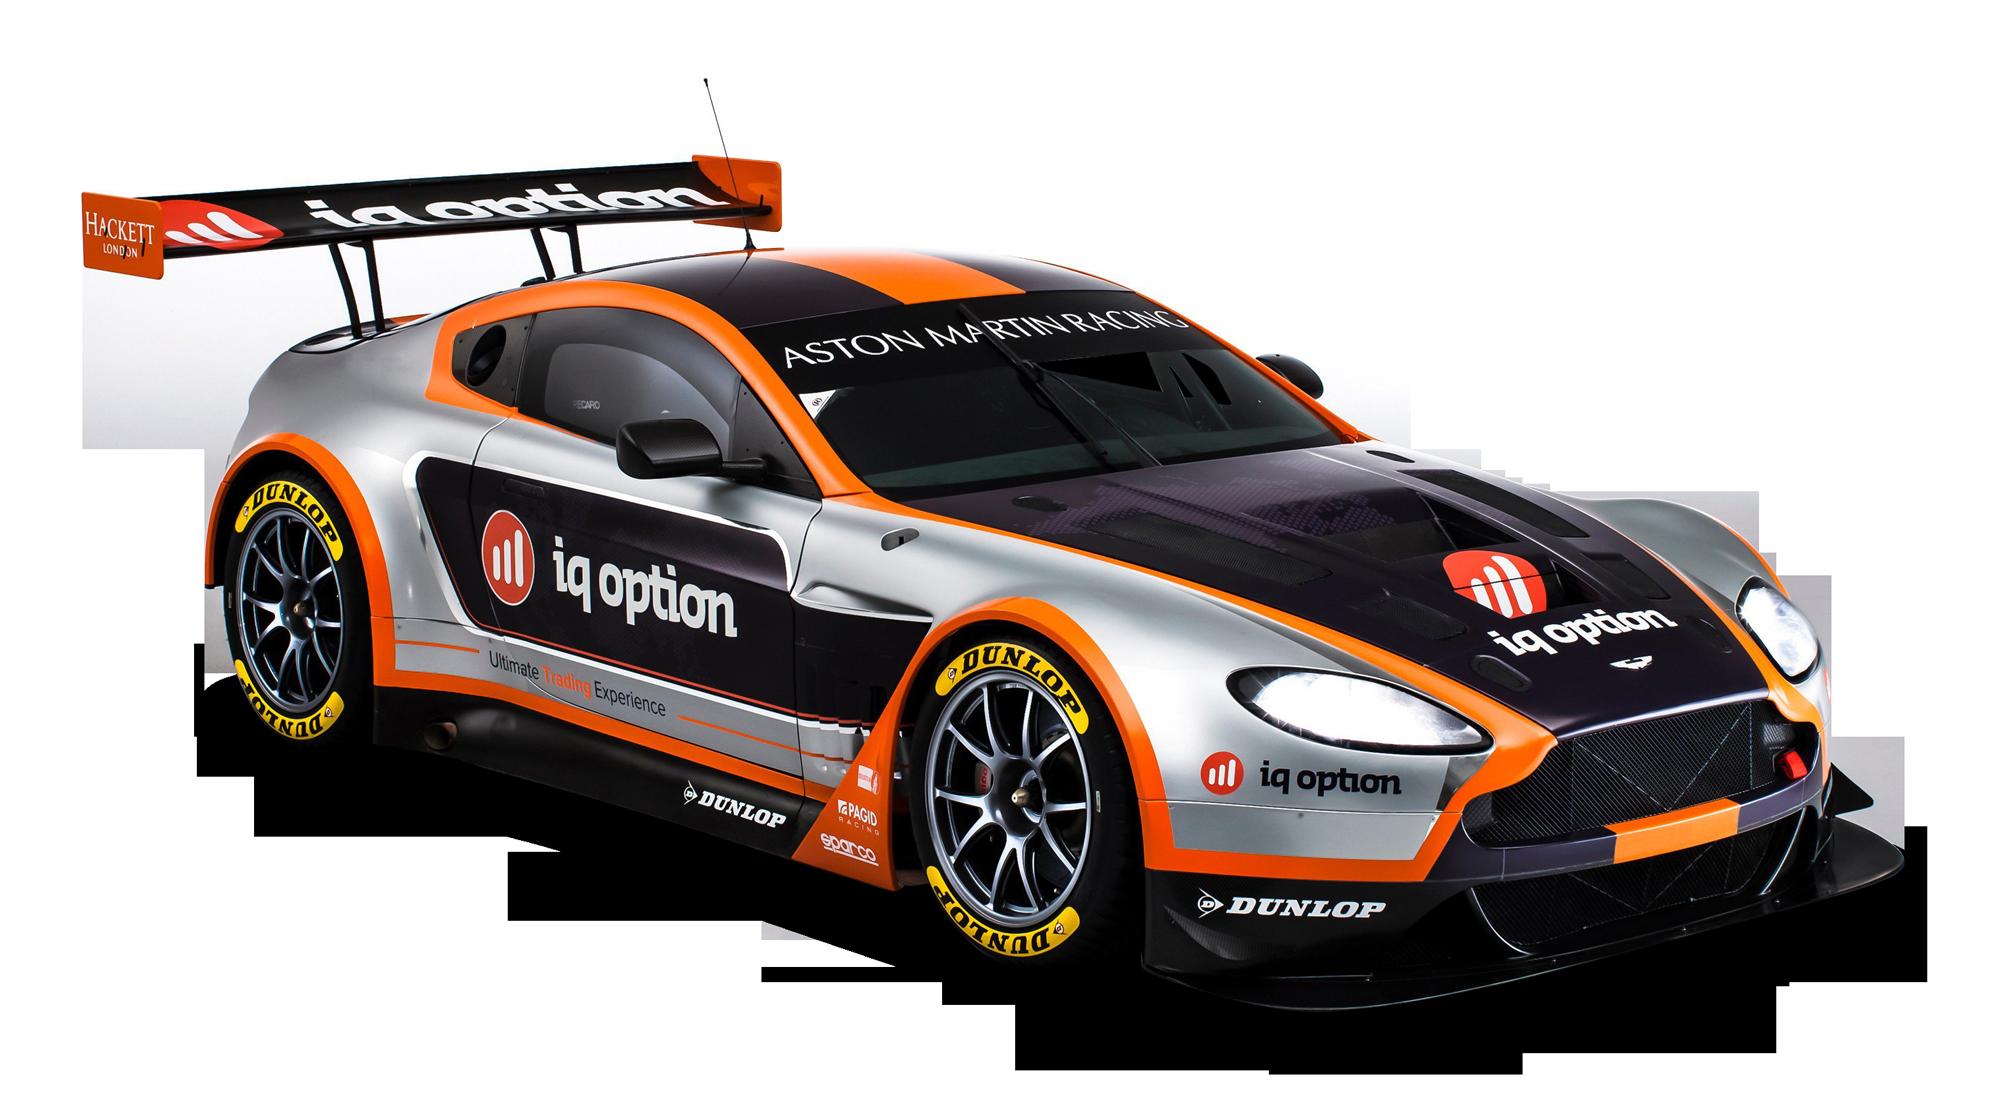 Black Aston Martin Racing Car PNG Image